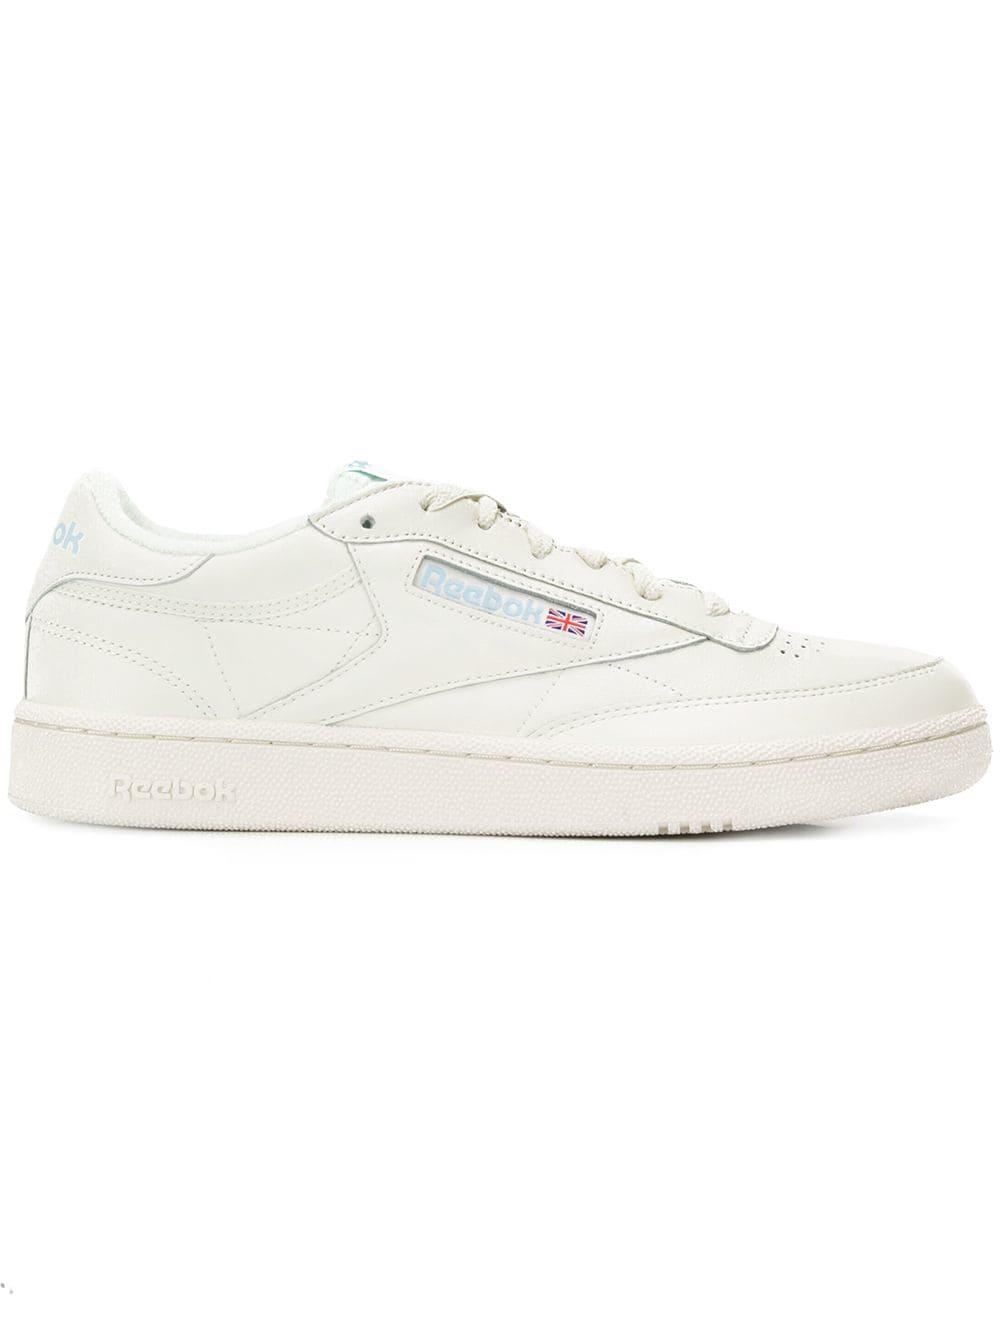 610ed88574a16 REEBOK REEBOK CLASSIC LOW SNEAKERS - WHITE.  reebok  shoes